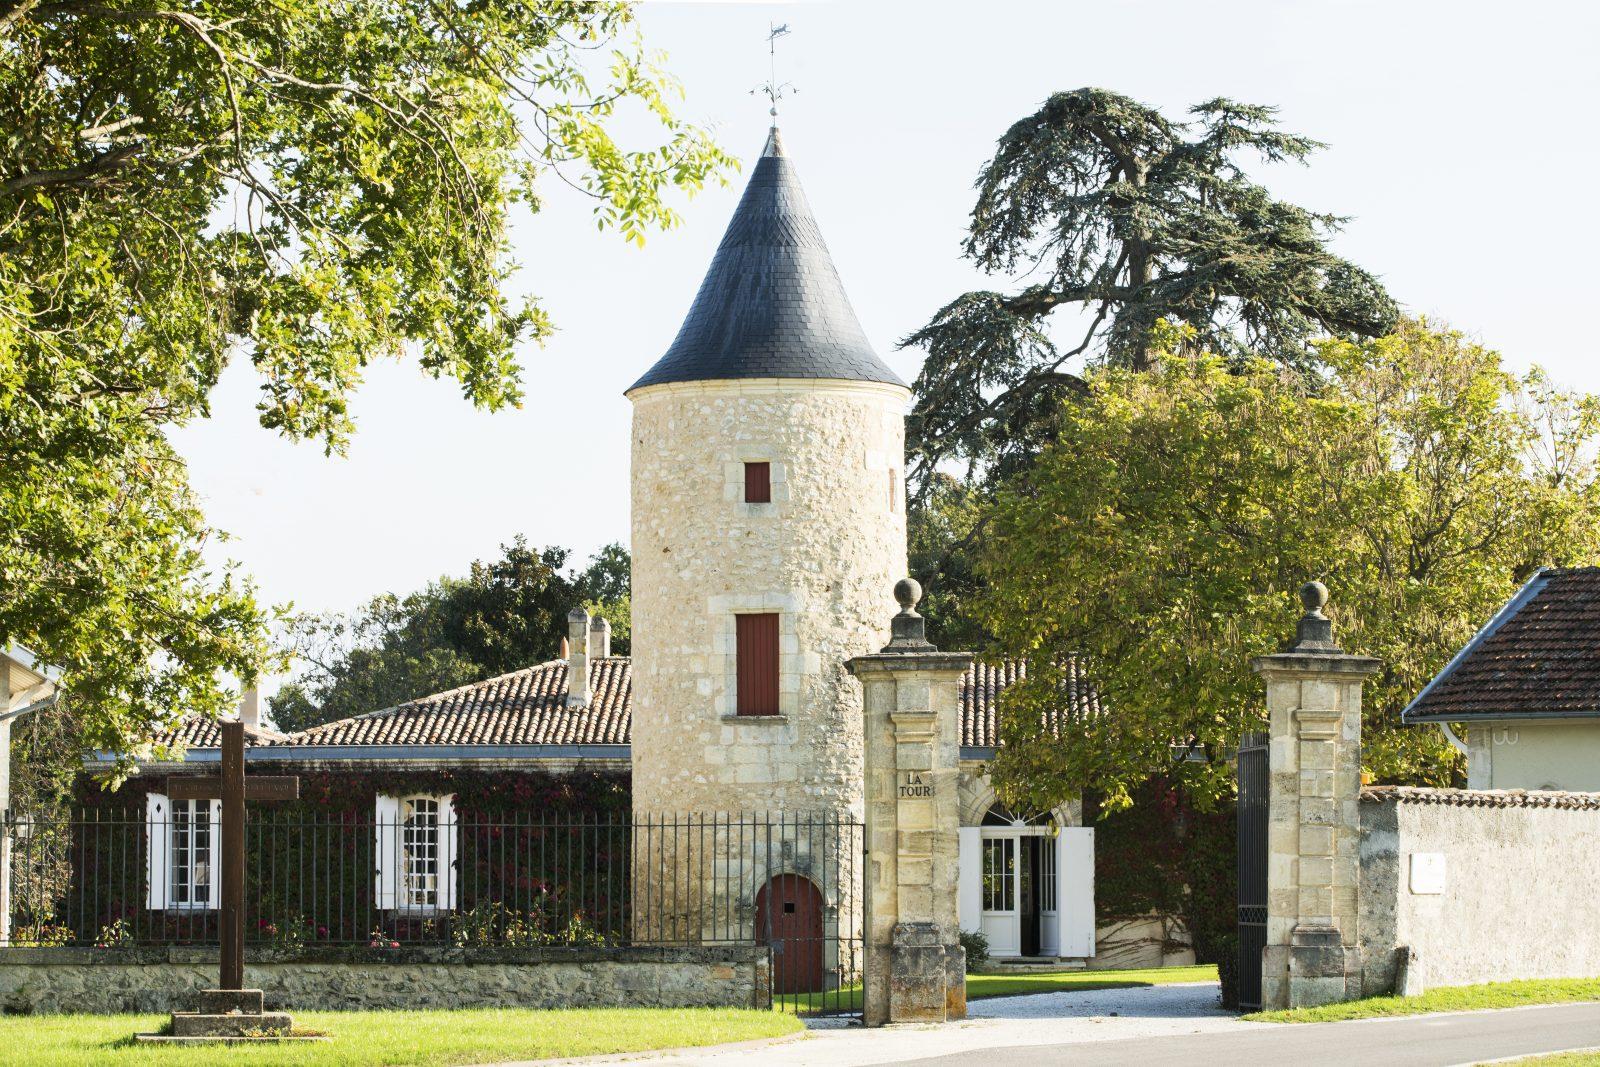 Chateau-Latour-Martillac-9—OTM-2020-3